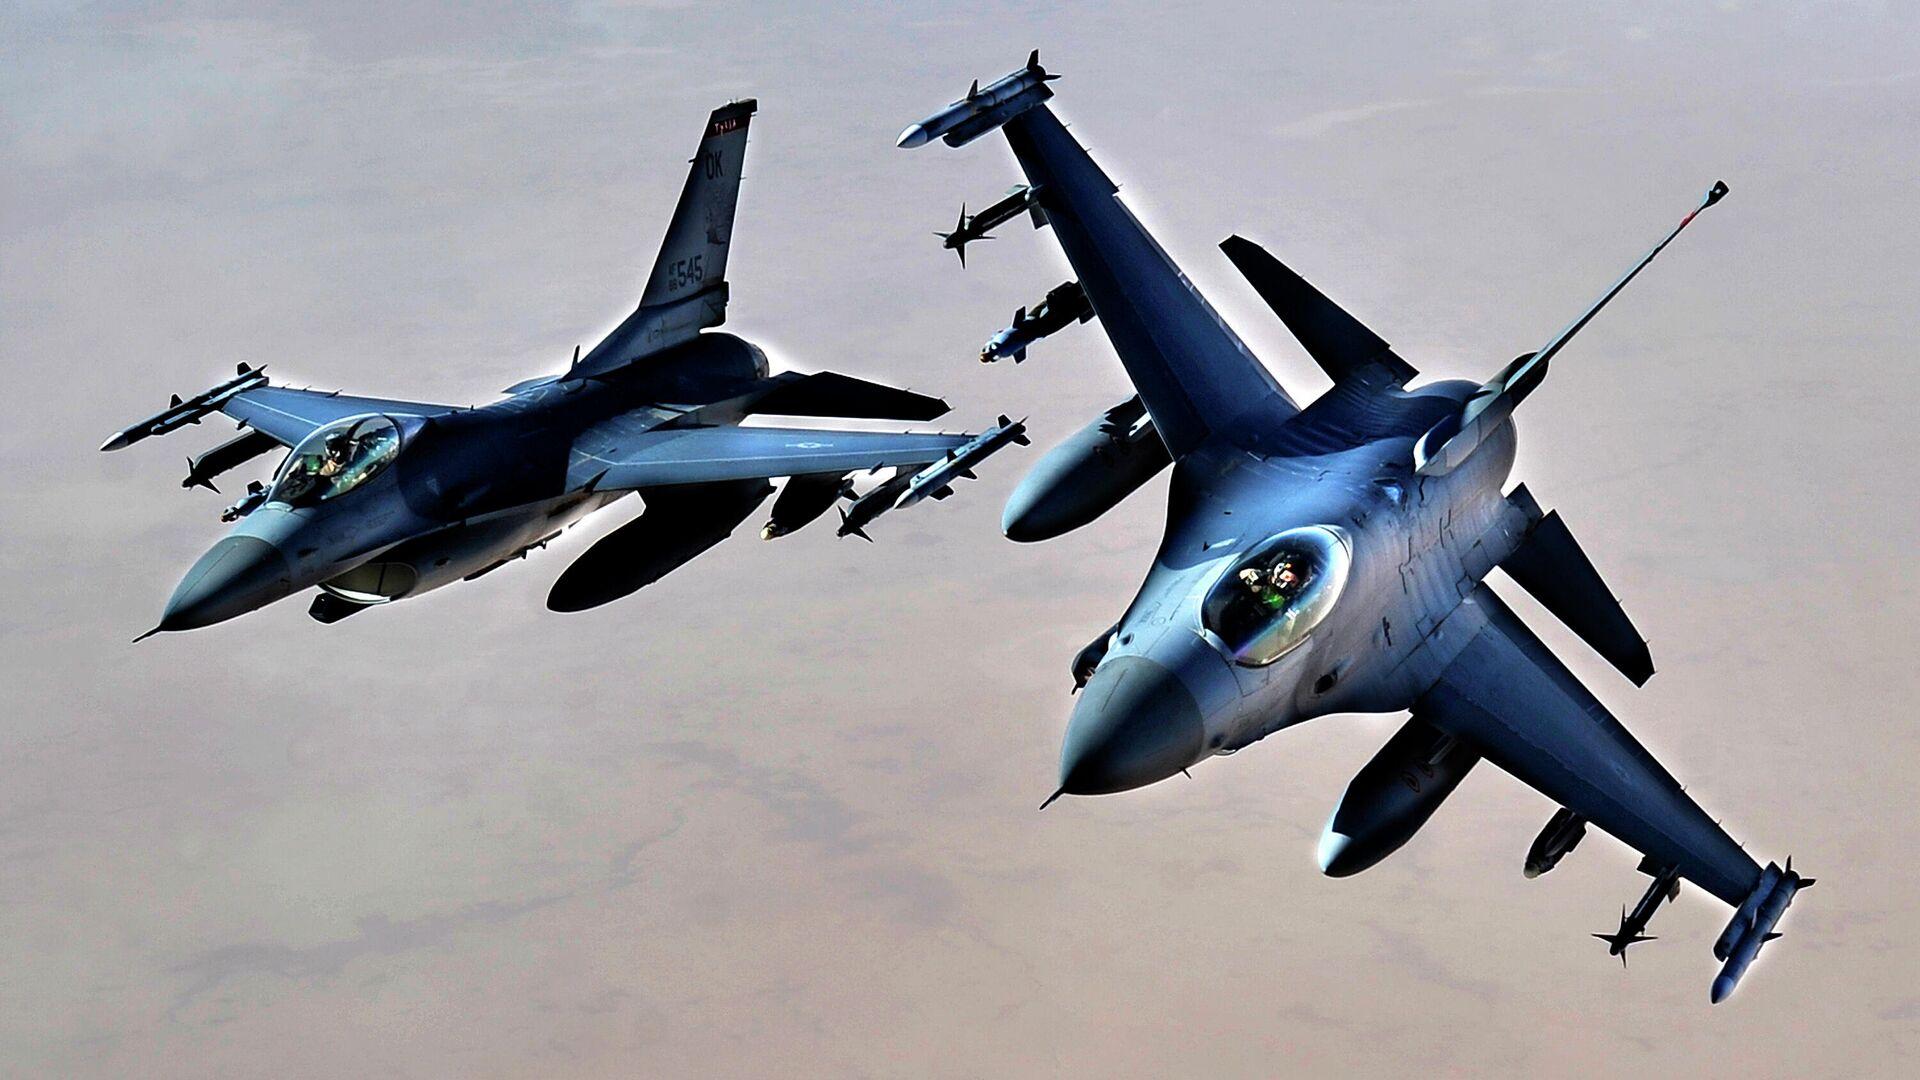 Истребители ВВС США F-16 над территорией Ирака - РИА Новости, 1920, 28.06.2021